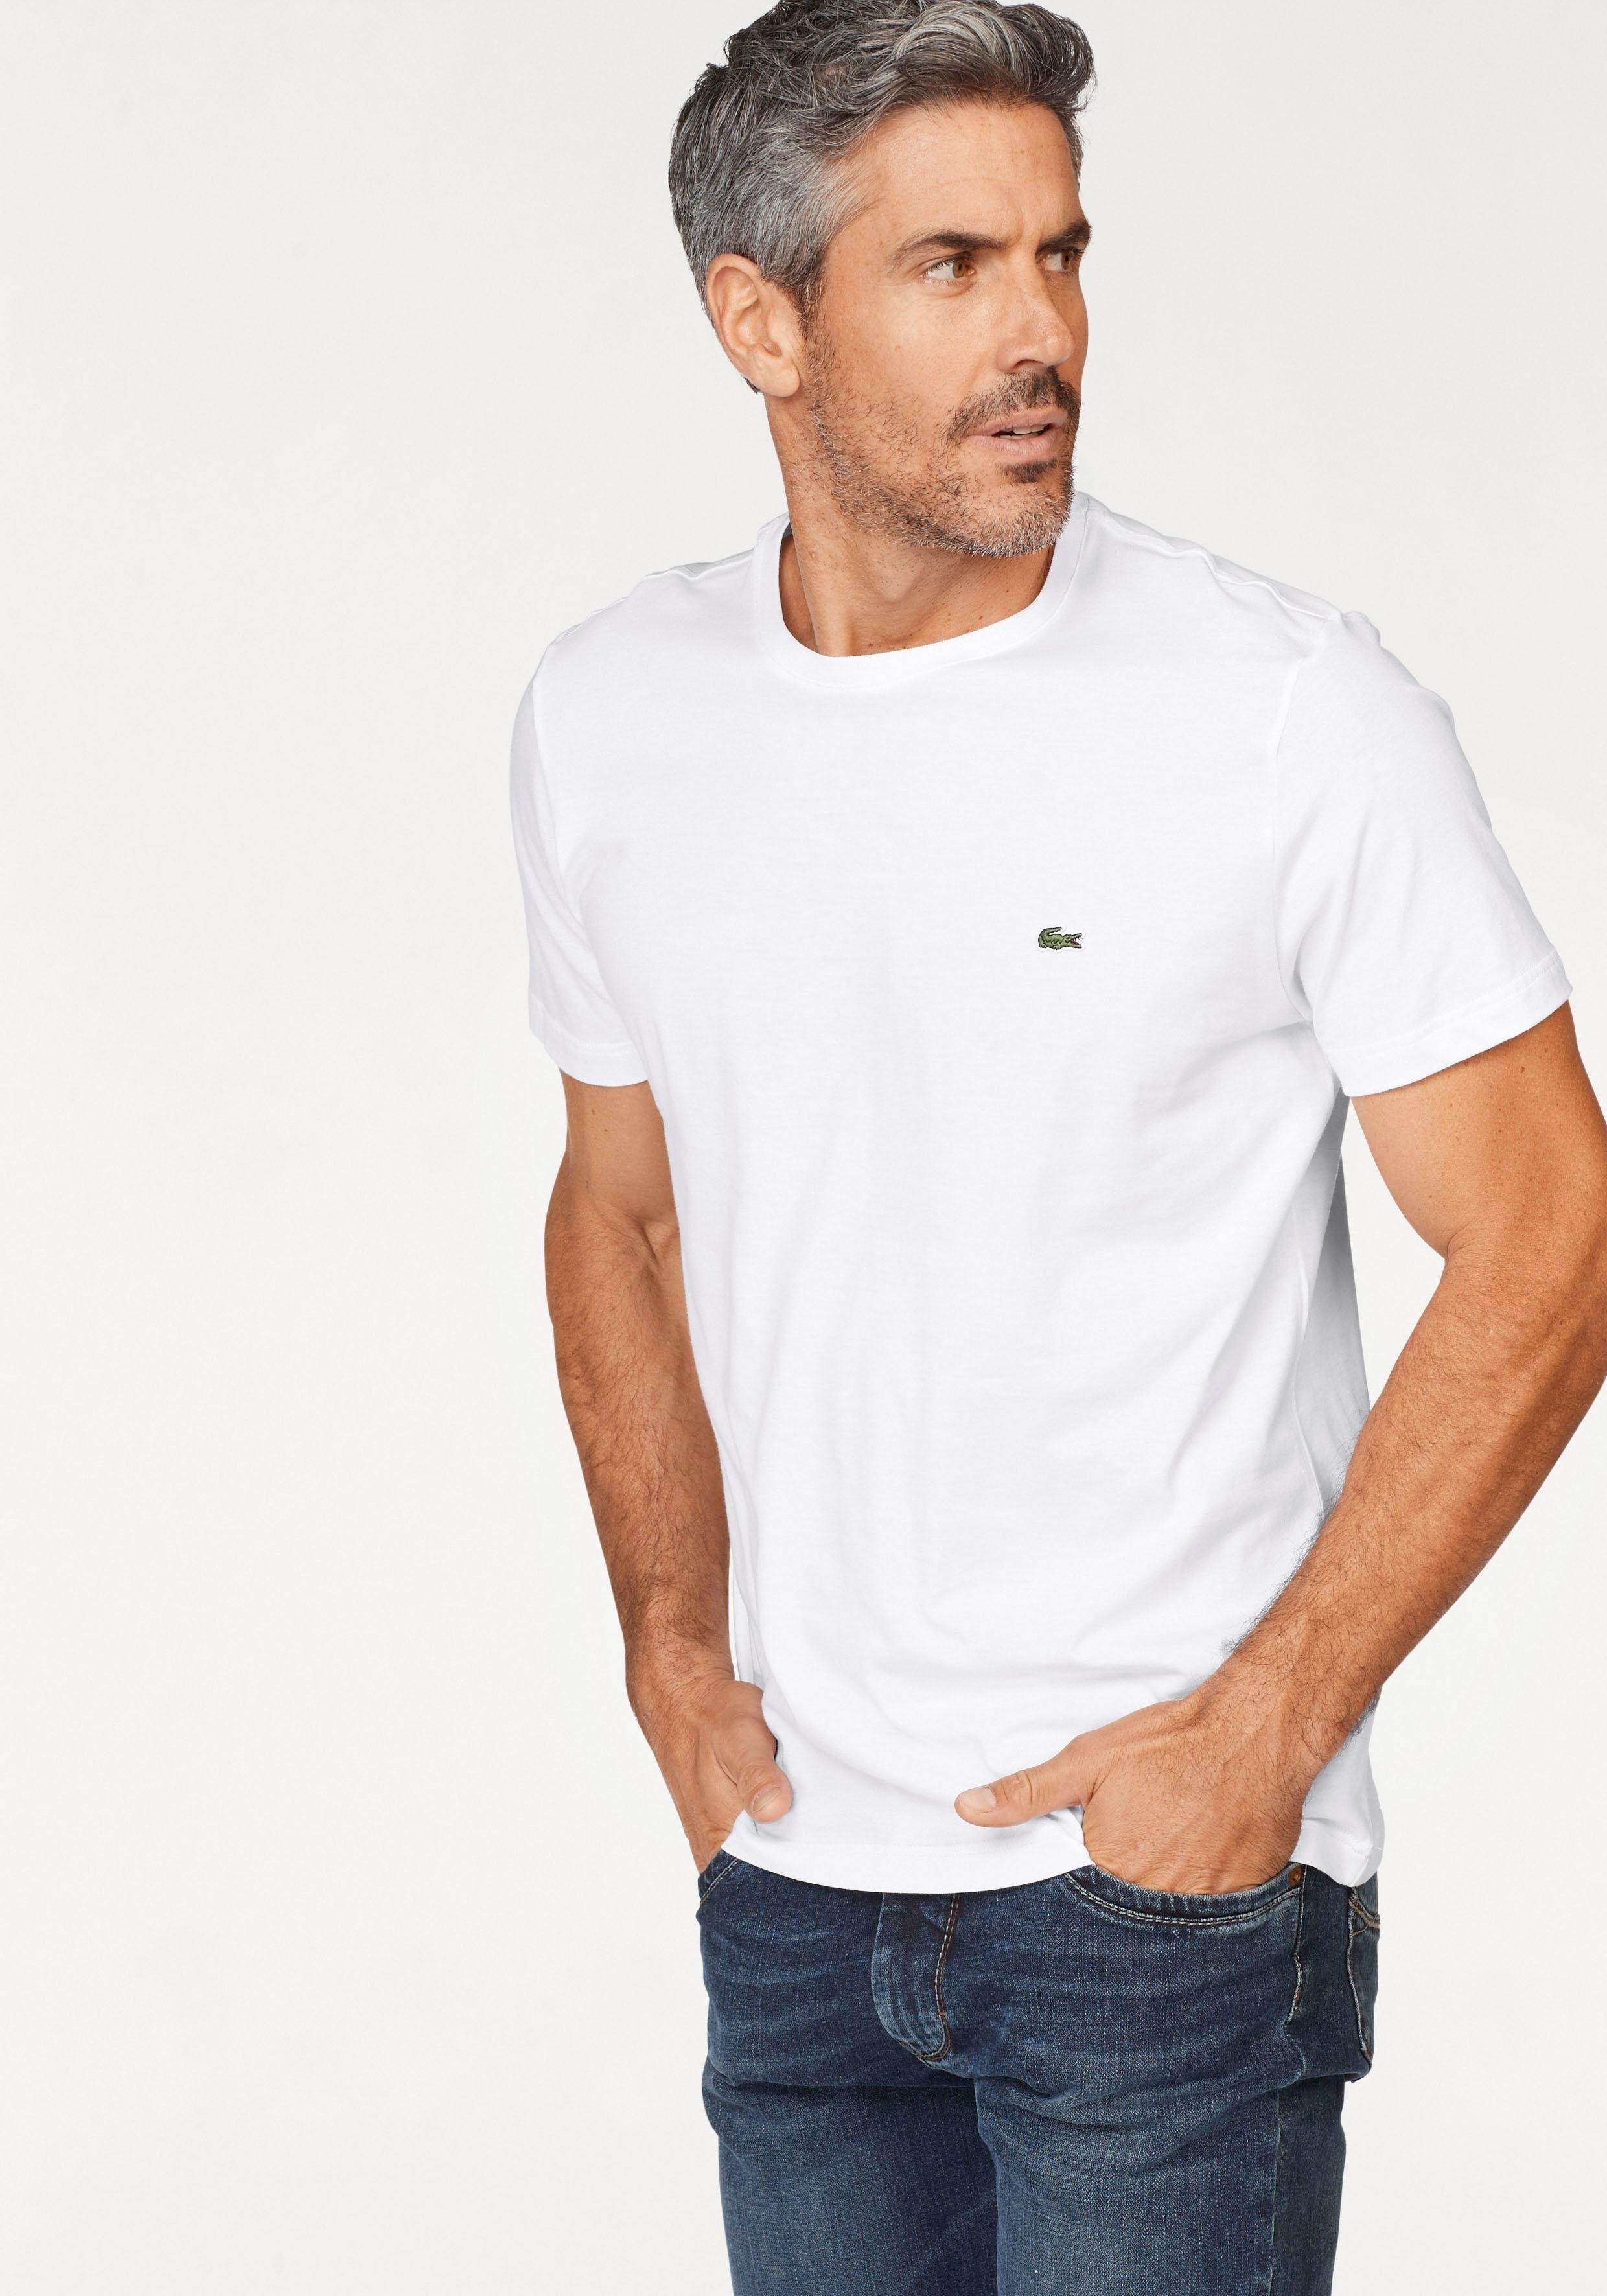 LACOSTE T-shirt nu online kopen bij OTTO